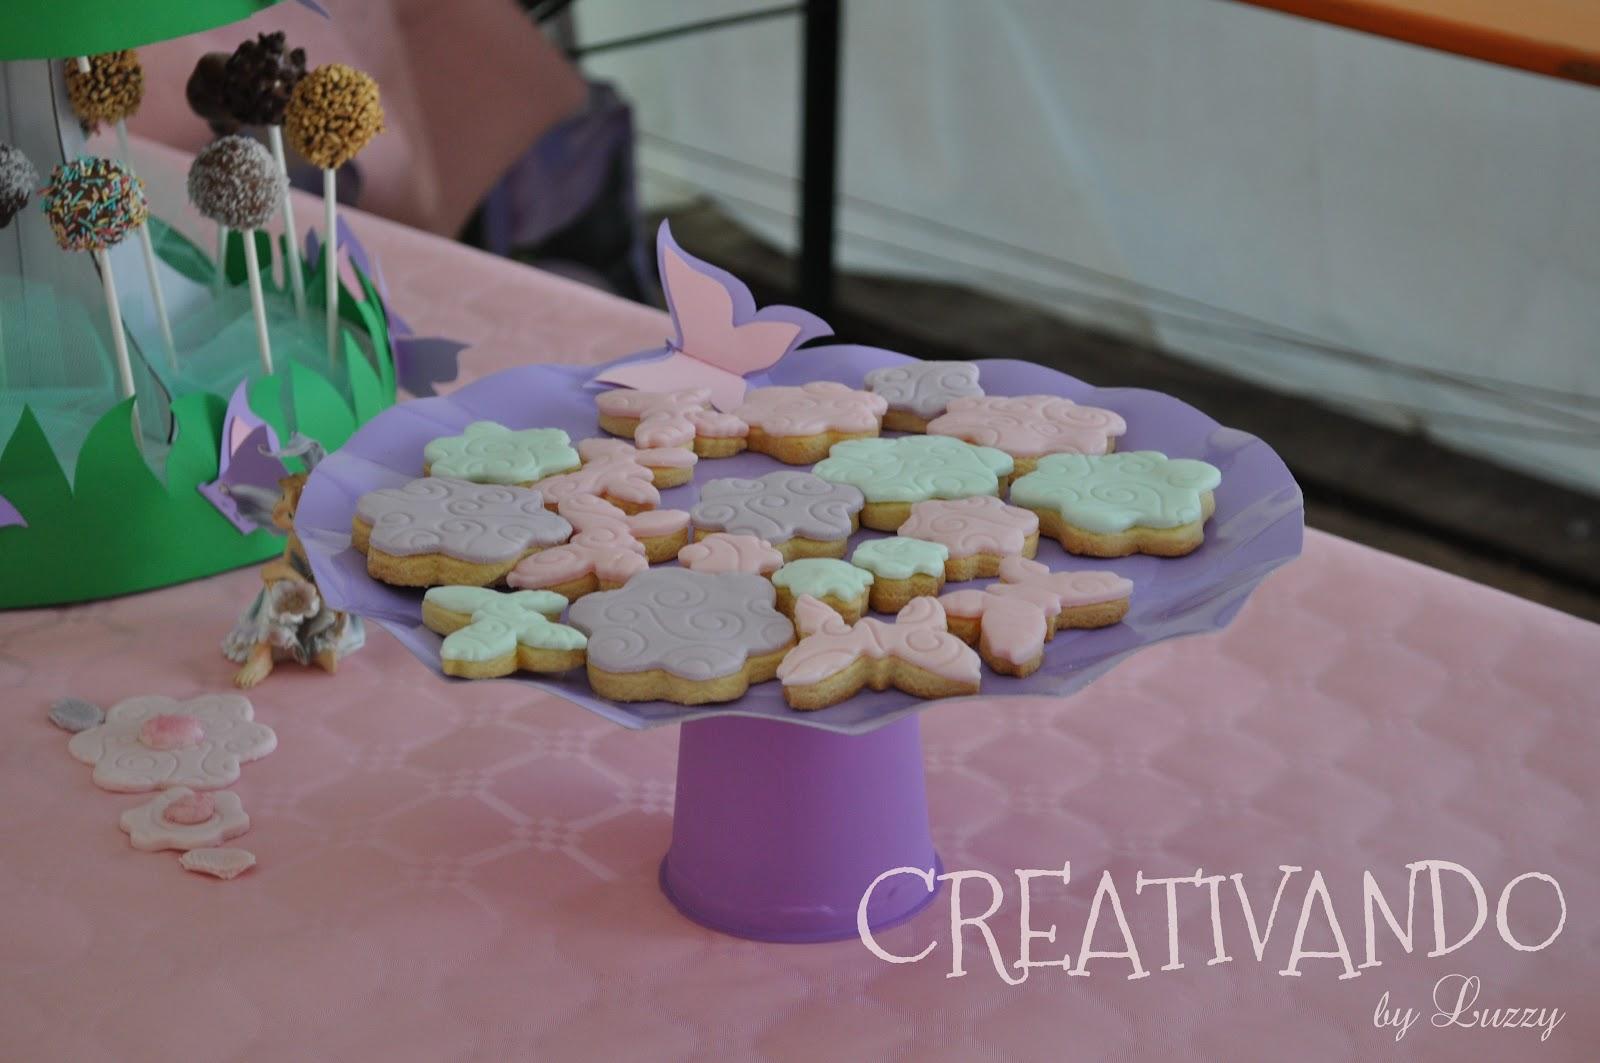 Dolci alzatina creativo : CREATIVANDO: Biscotti di frolla rivestiti con pasta di zucchero